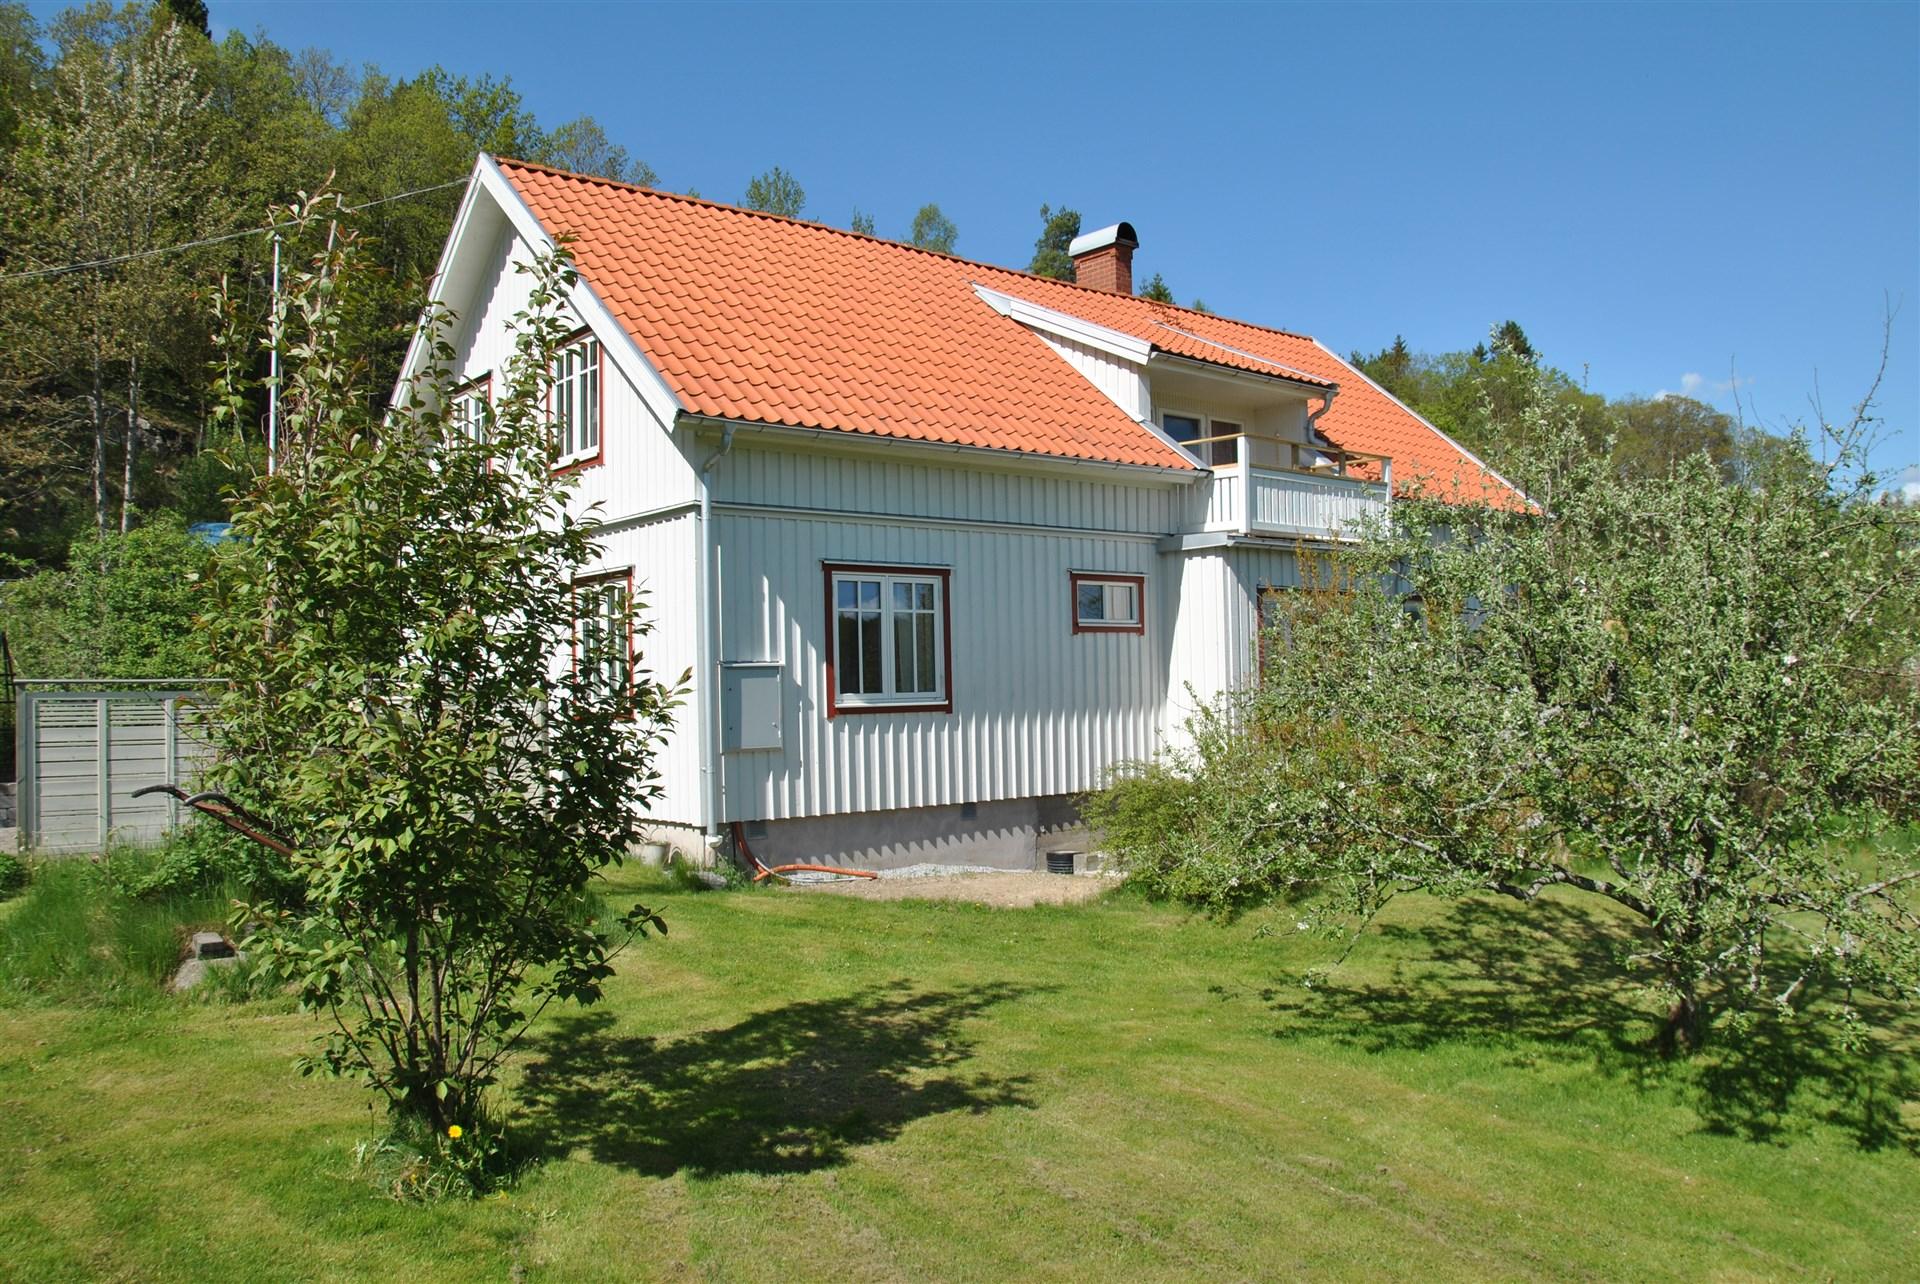 Huset med balkongen i sydost